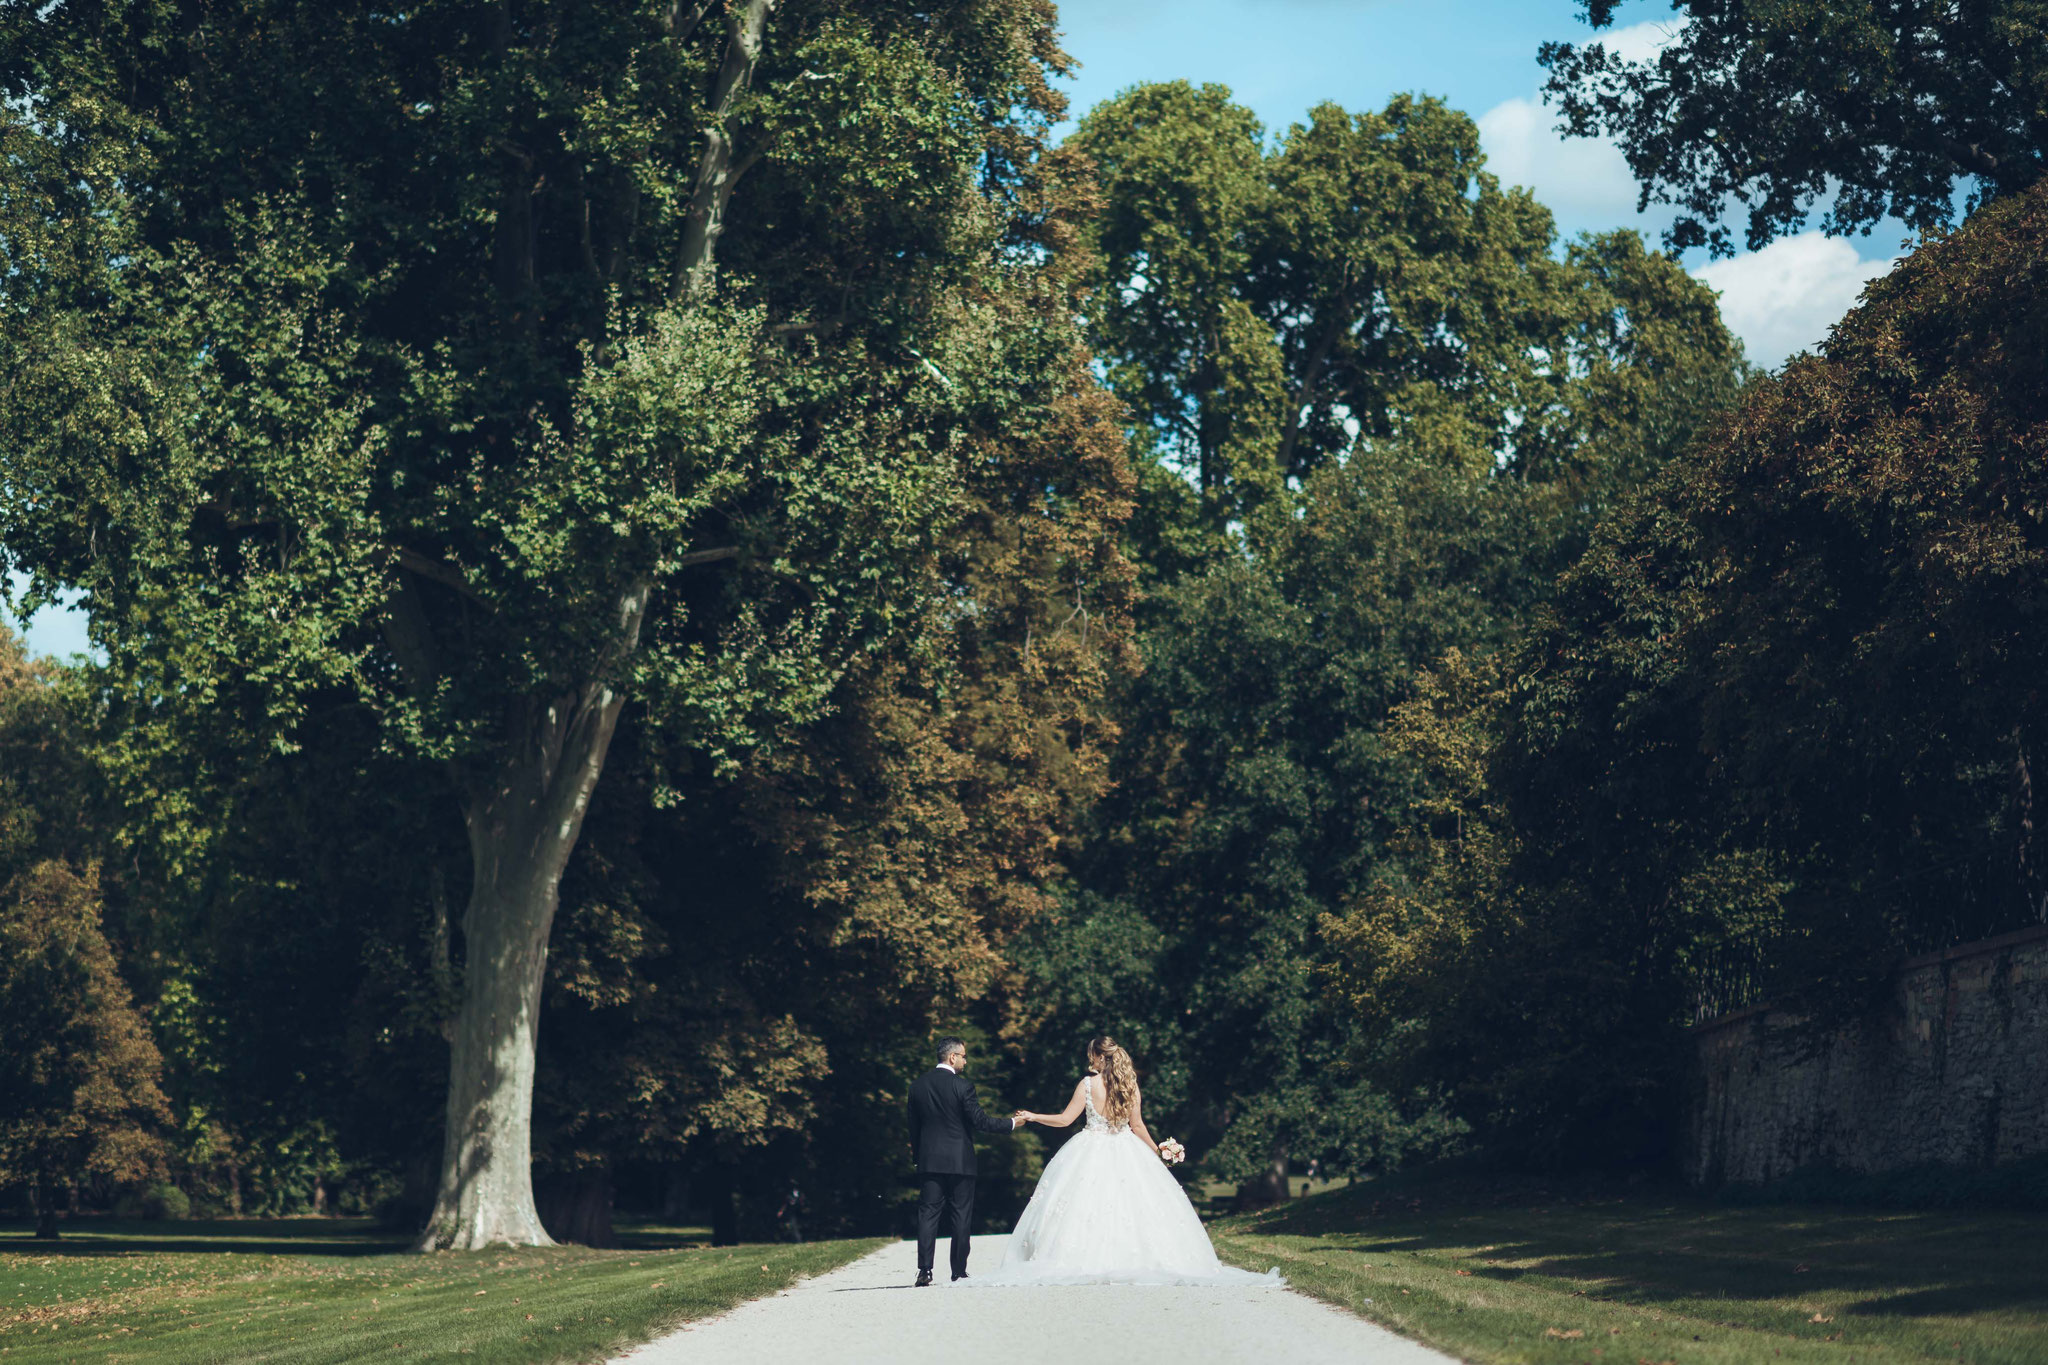 Hochzeitsaufnahmen in Wiesbaden im Schlosspark Biebrich